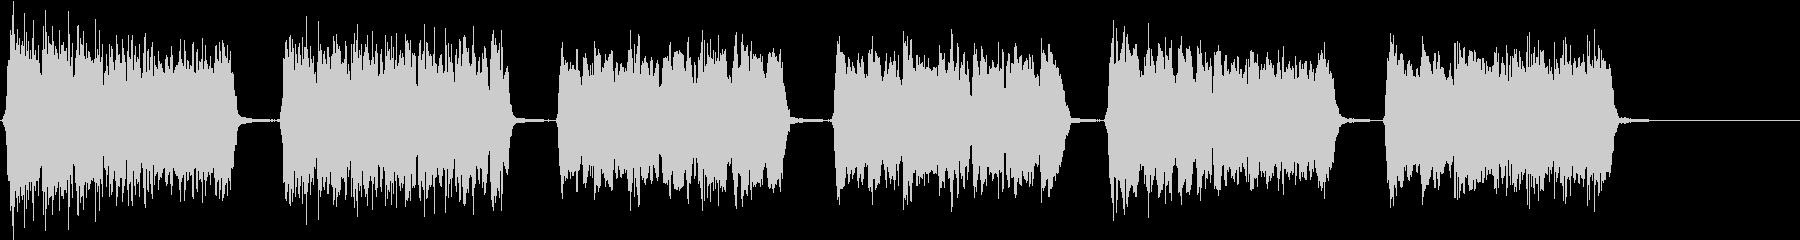 きらきら星(6歳女の子歌唱)アカペラの未再生の波形